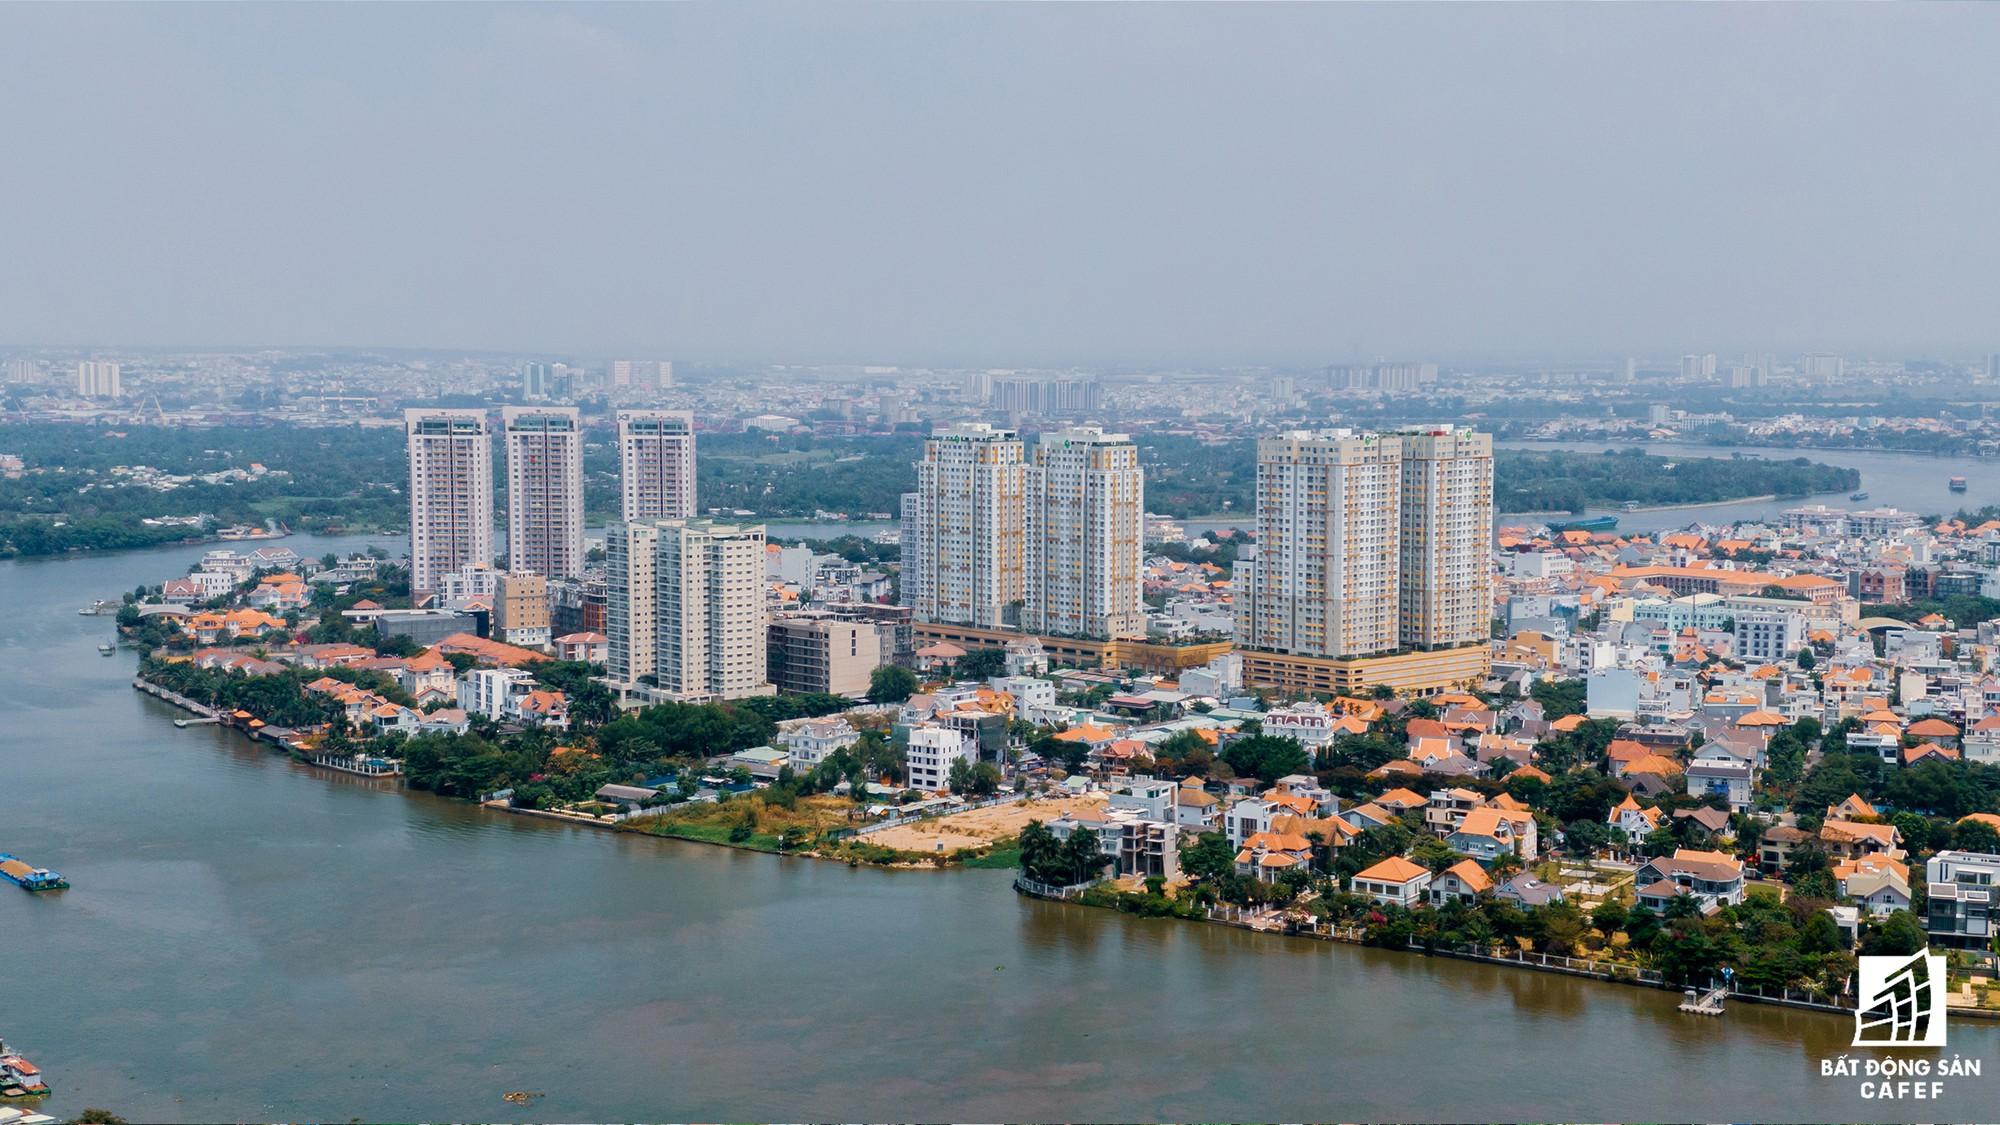 Nhà giàu cũng khóc trong những khu biệt thự sang chảnh bậc nhất Sài Gòn - Ảnh 10.